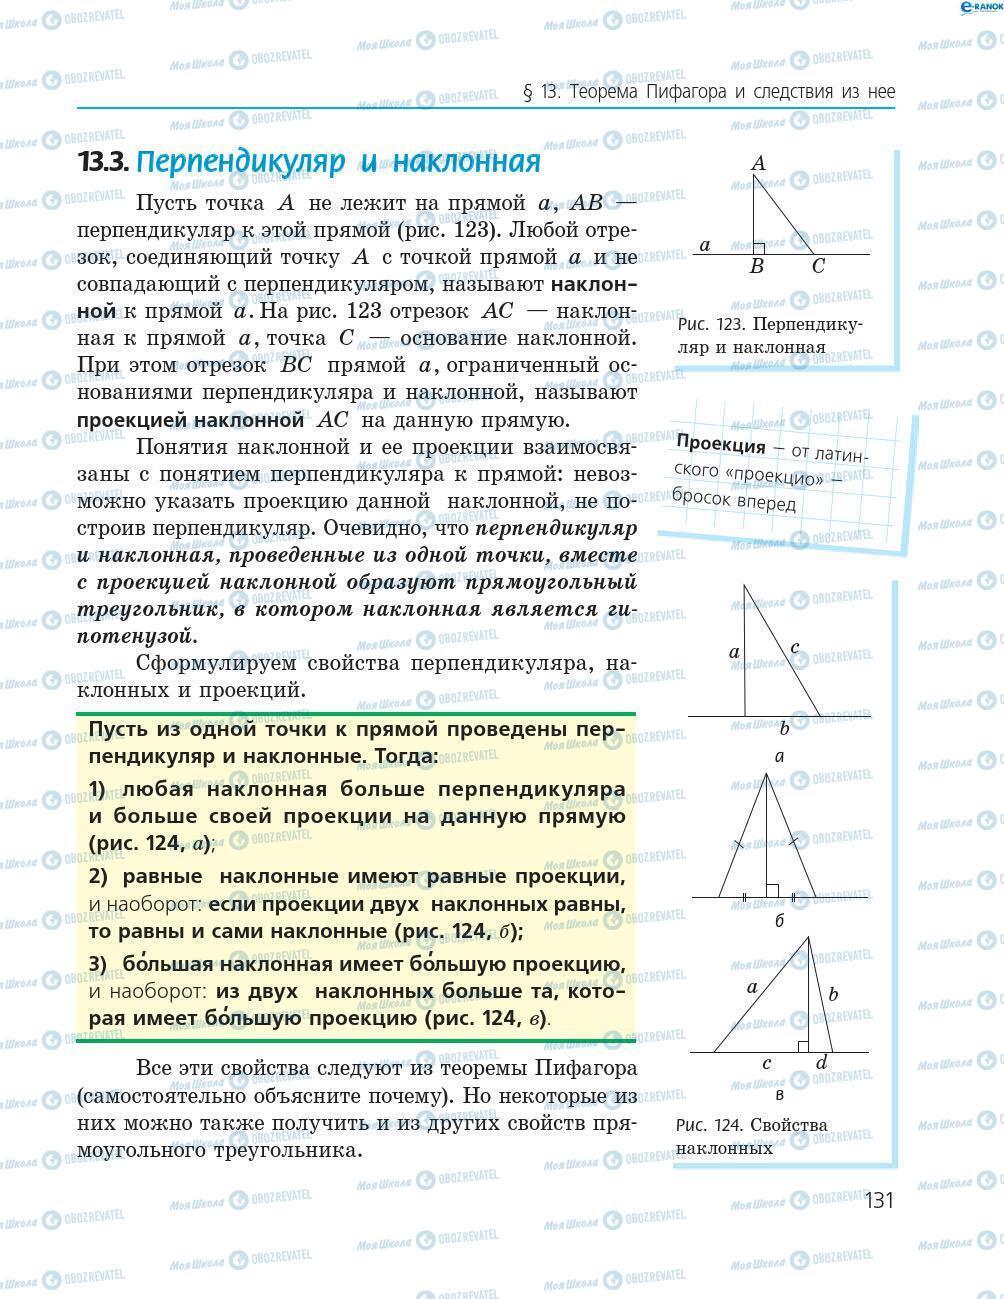 Підручники Геометрія 8 клас сторінка 131